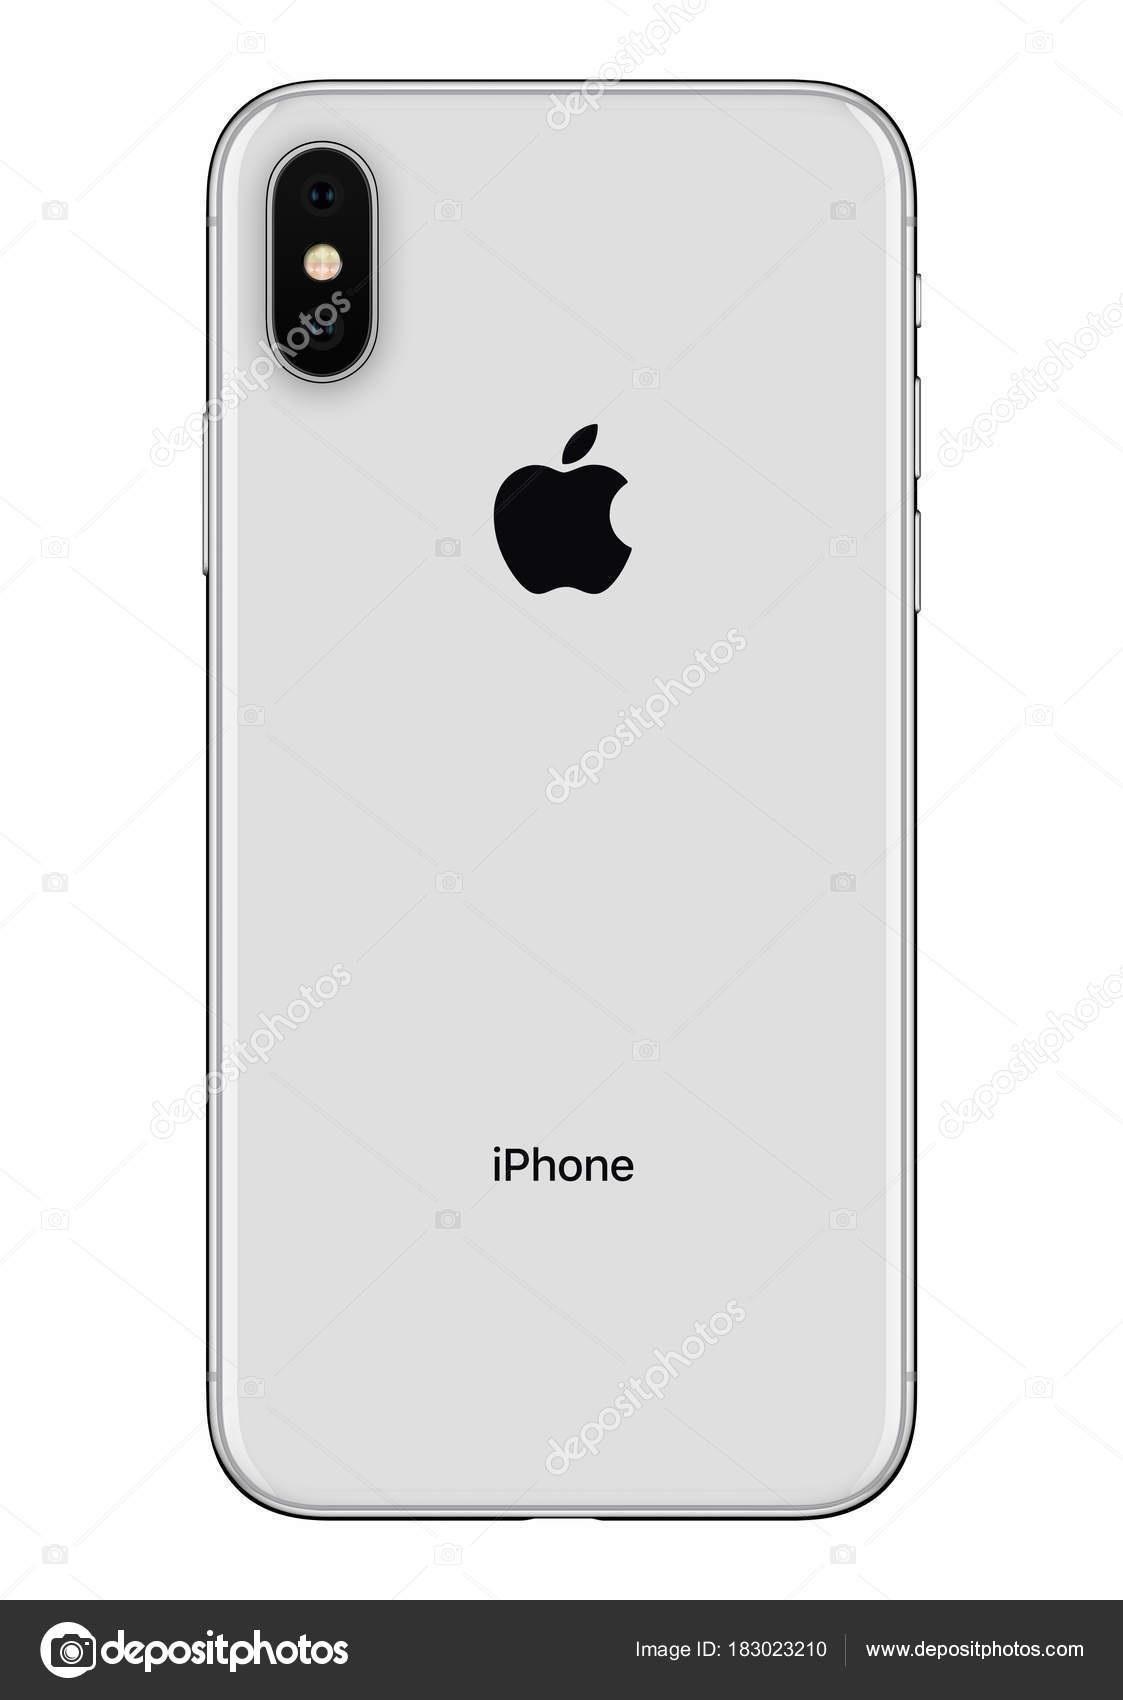 Фото айфона на белом фоне012